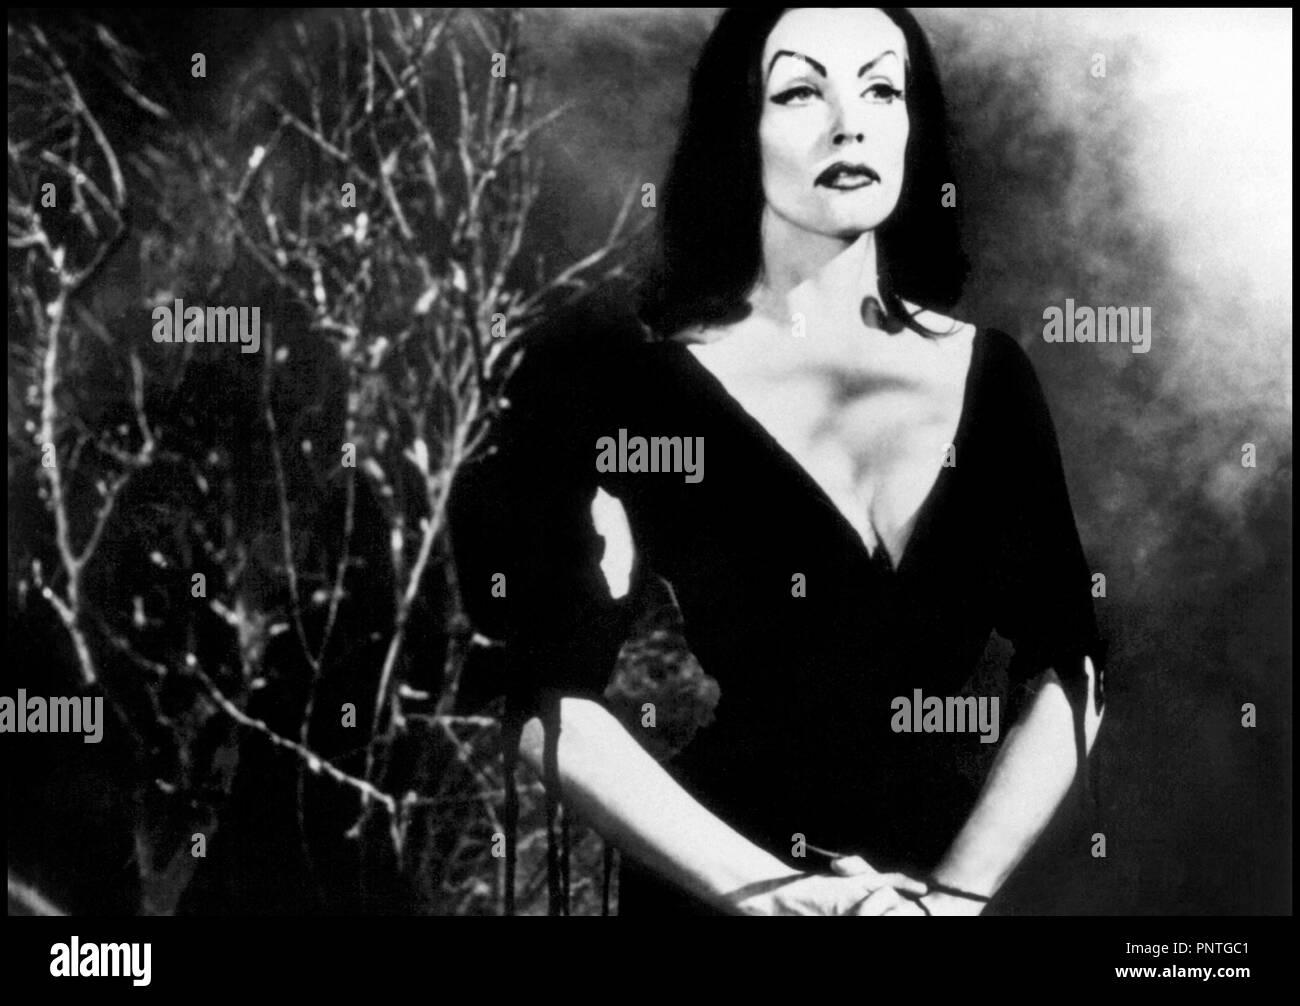 Prod DB © Reynolds Pictures / DR PLAN 9 FROM OUTER SPACE de Ed Wood 1958 USA avec Vampira science-fiction, classique de la serie B, portrait, femme vampire réalisateur: Edward D. Wood Jr - Stock Image